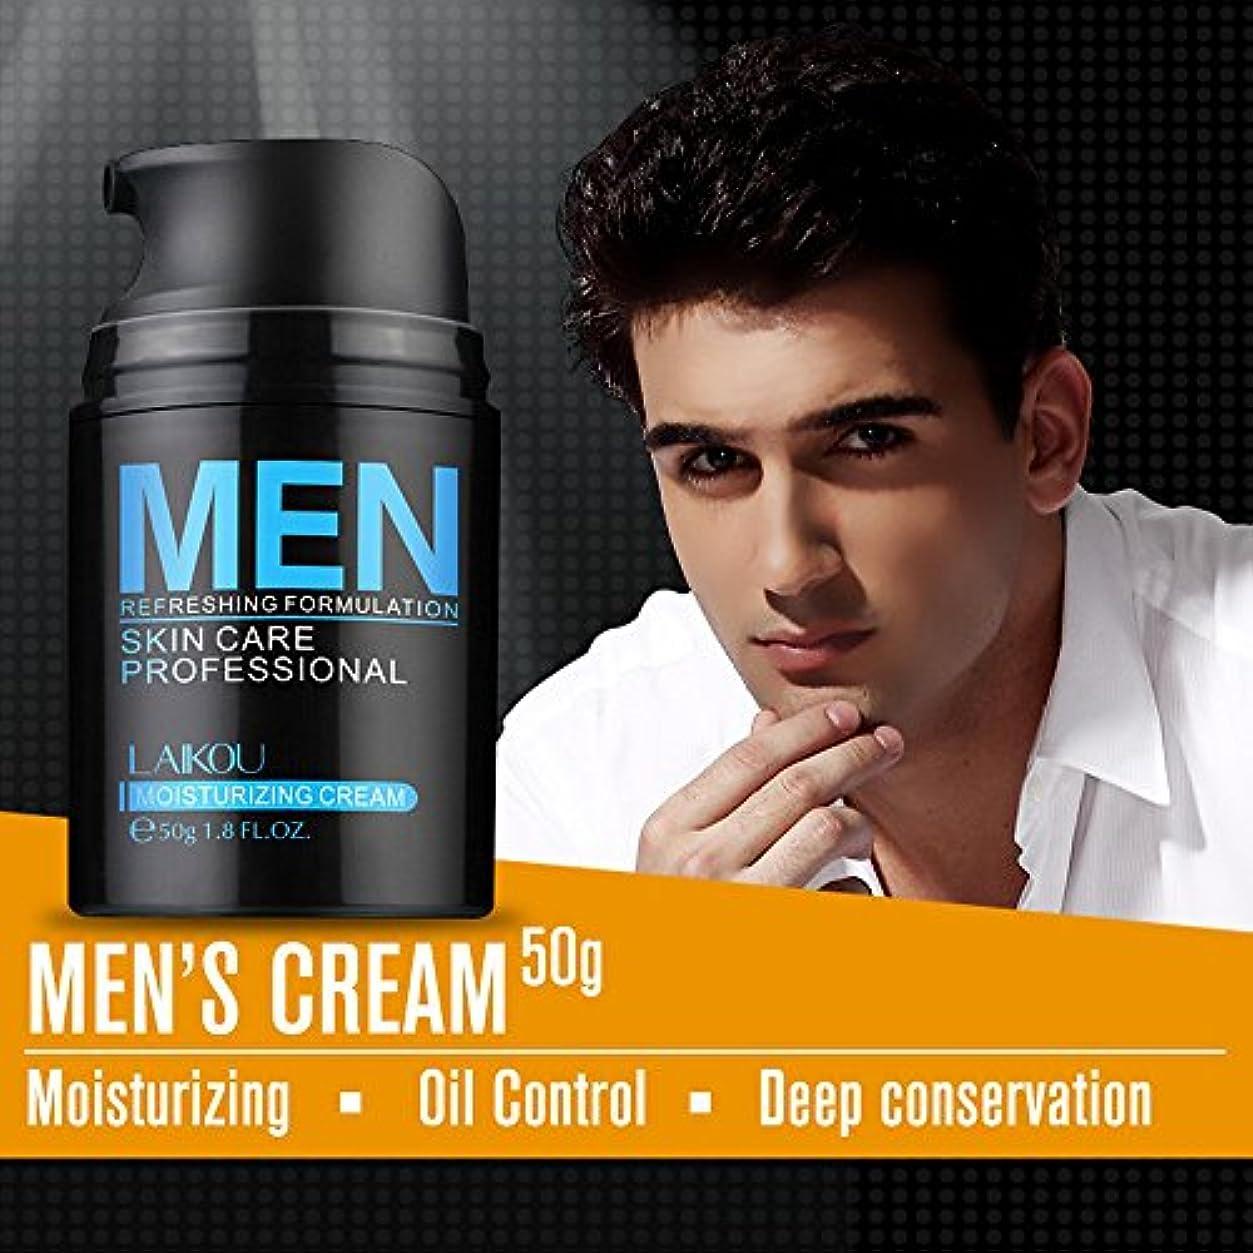 ポルティコ真面目な拡張Akane LAIKOU 男子 押す 顔洗い 素敵 水分補給 オイルコントロール 保湿 すがすがしい 角質除去 クレンジング 浄化 使いやすい 洗顔料 アロエクリーム